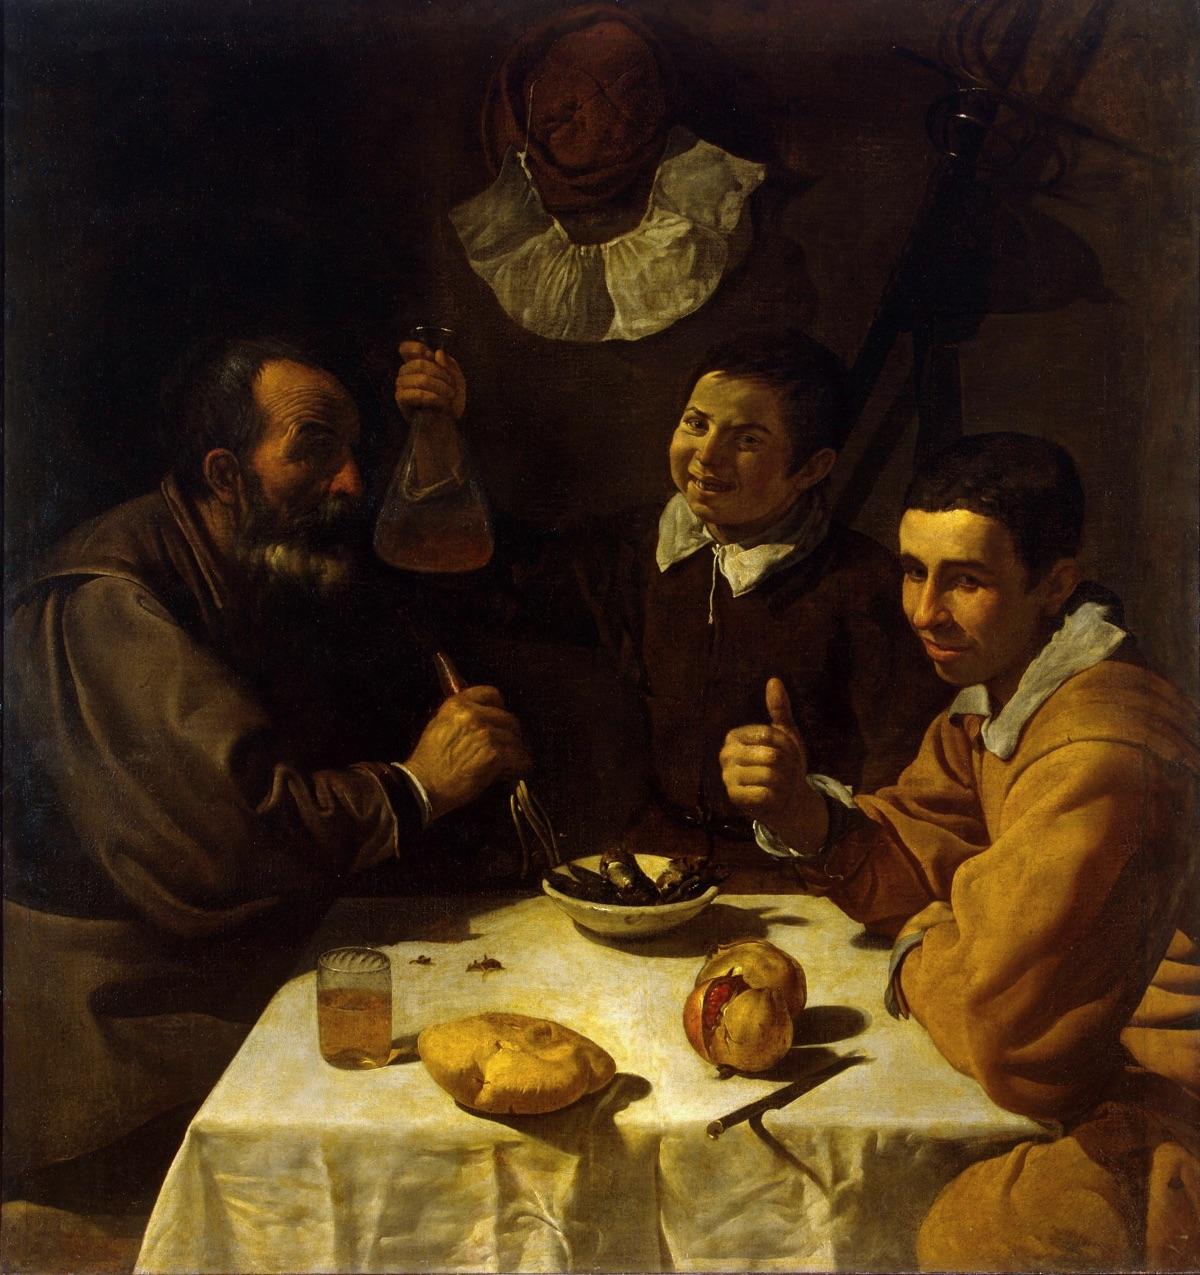 El almuerzo (1617-1618), de Diego Velázquez